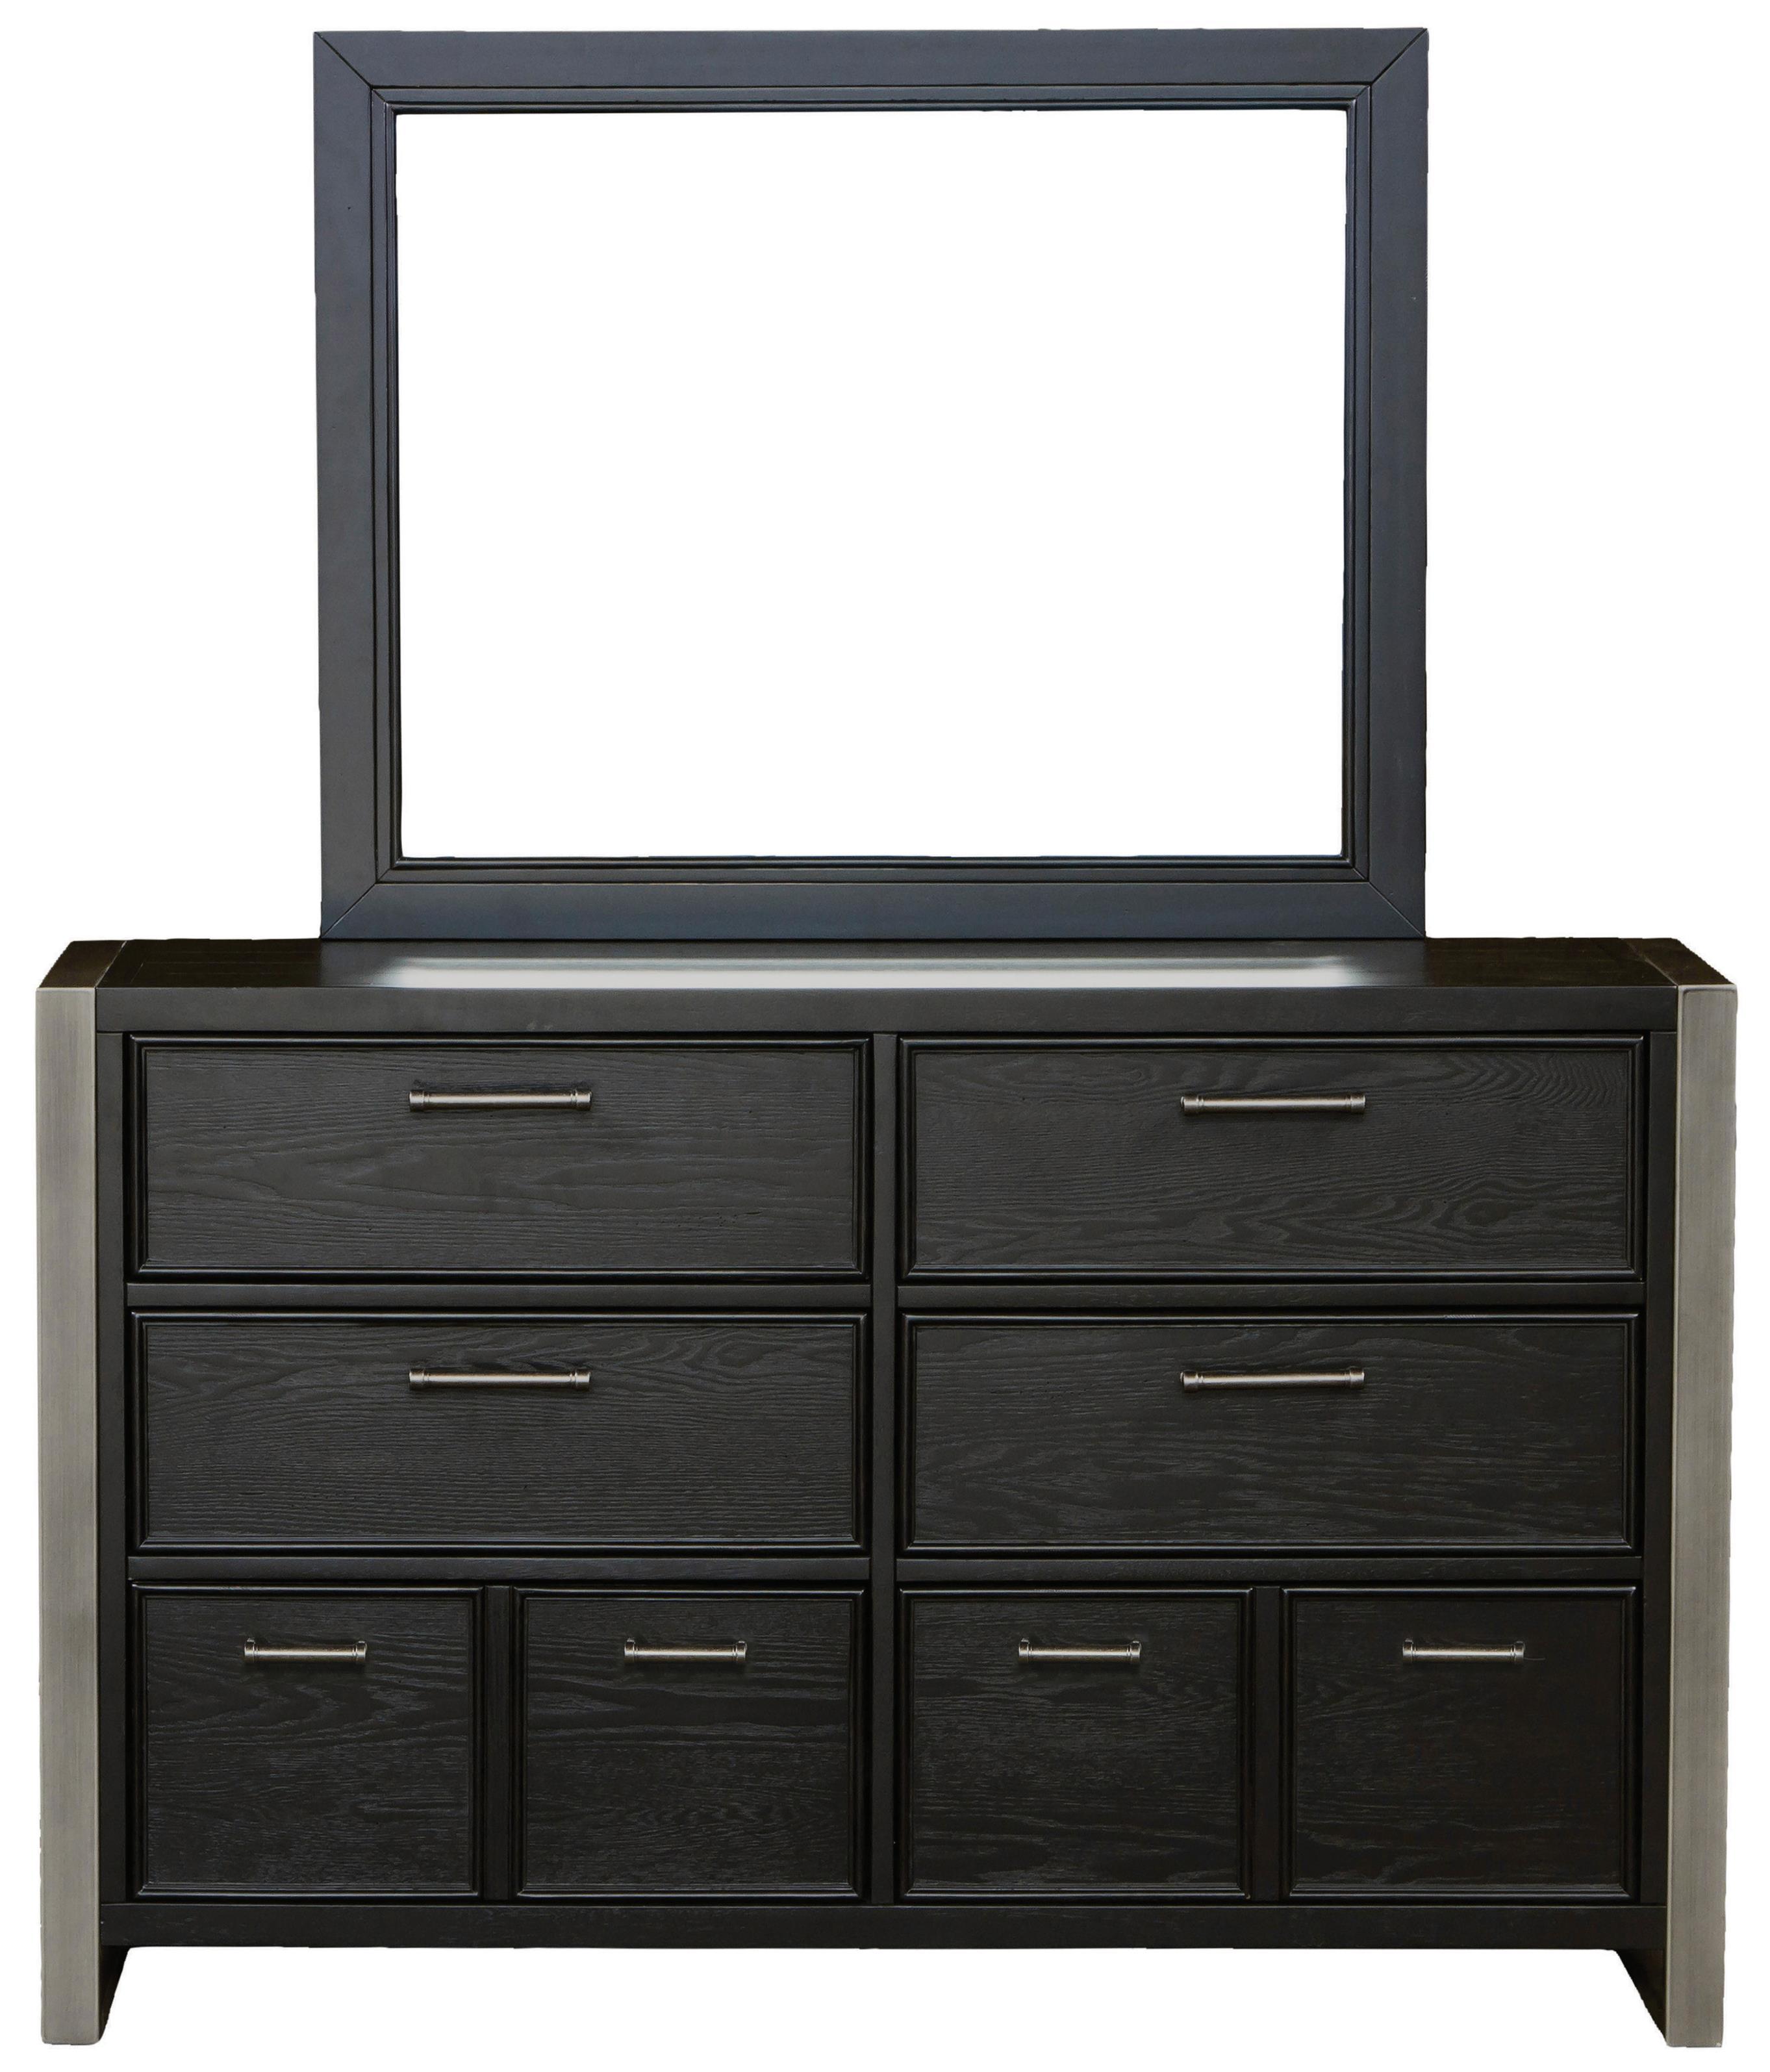 Morris Home Furnishings Granite Falls Dresser and Mirror Combo - Item Number: 8942-410+430